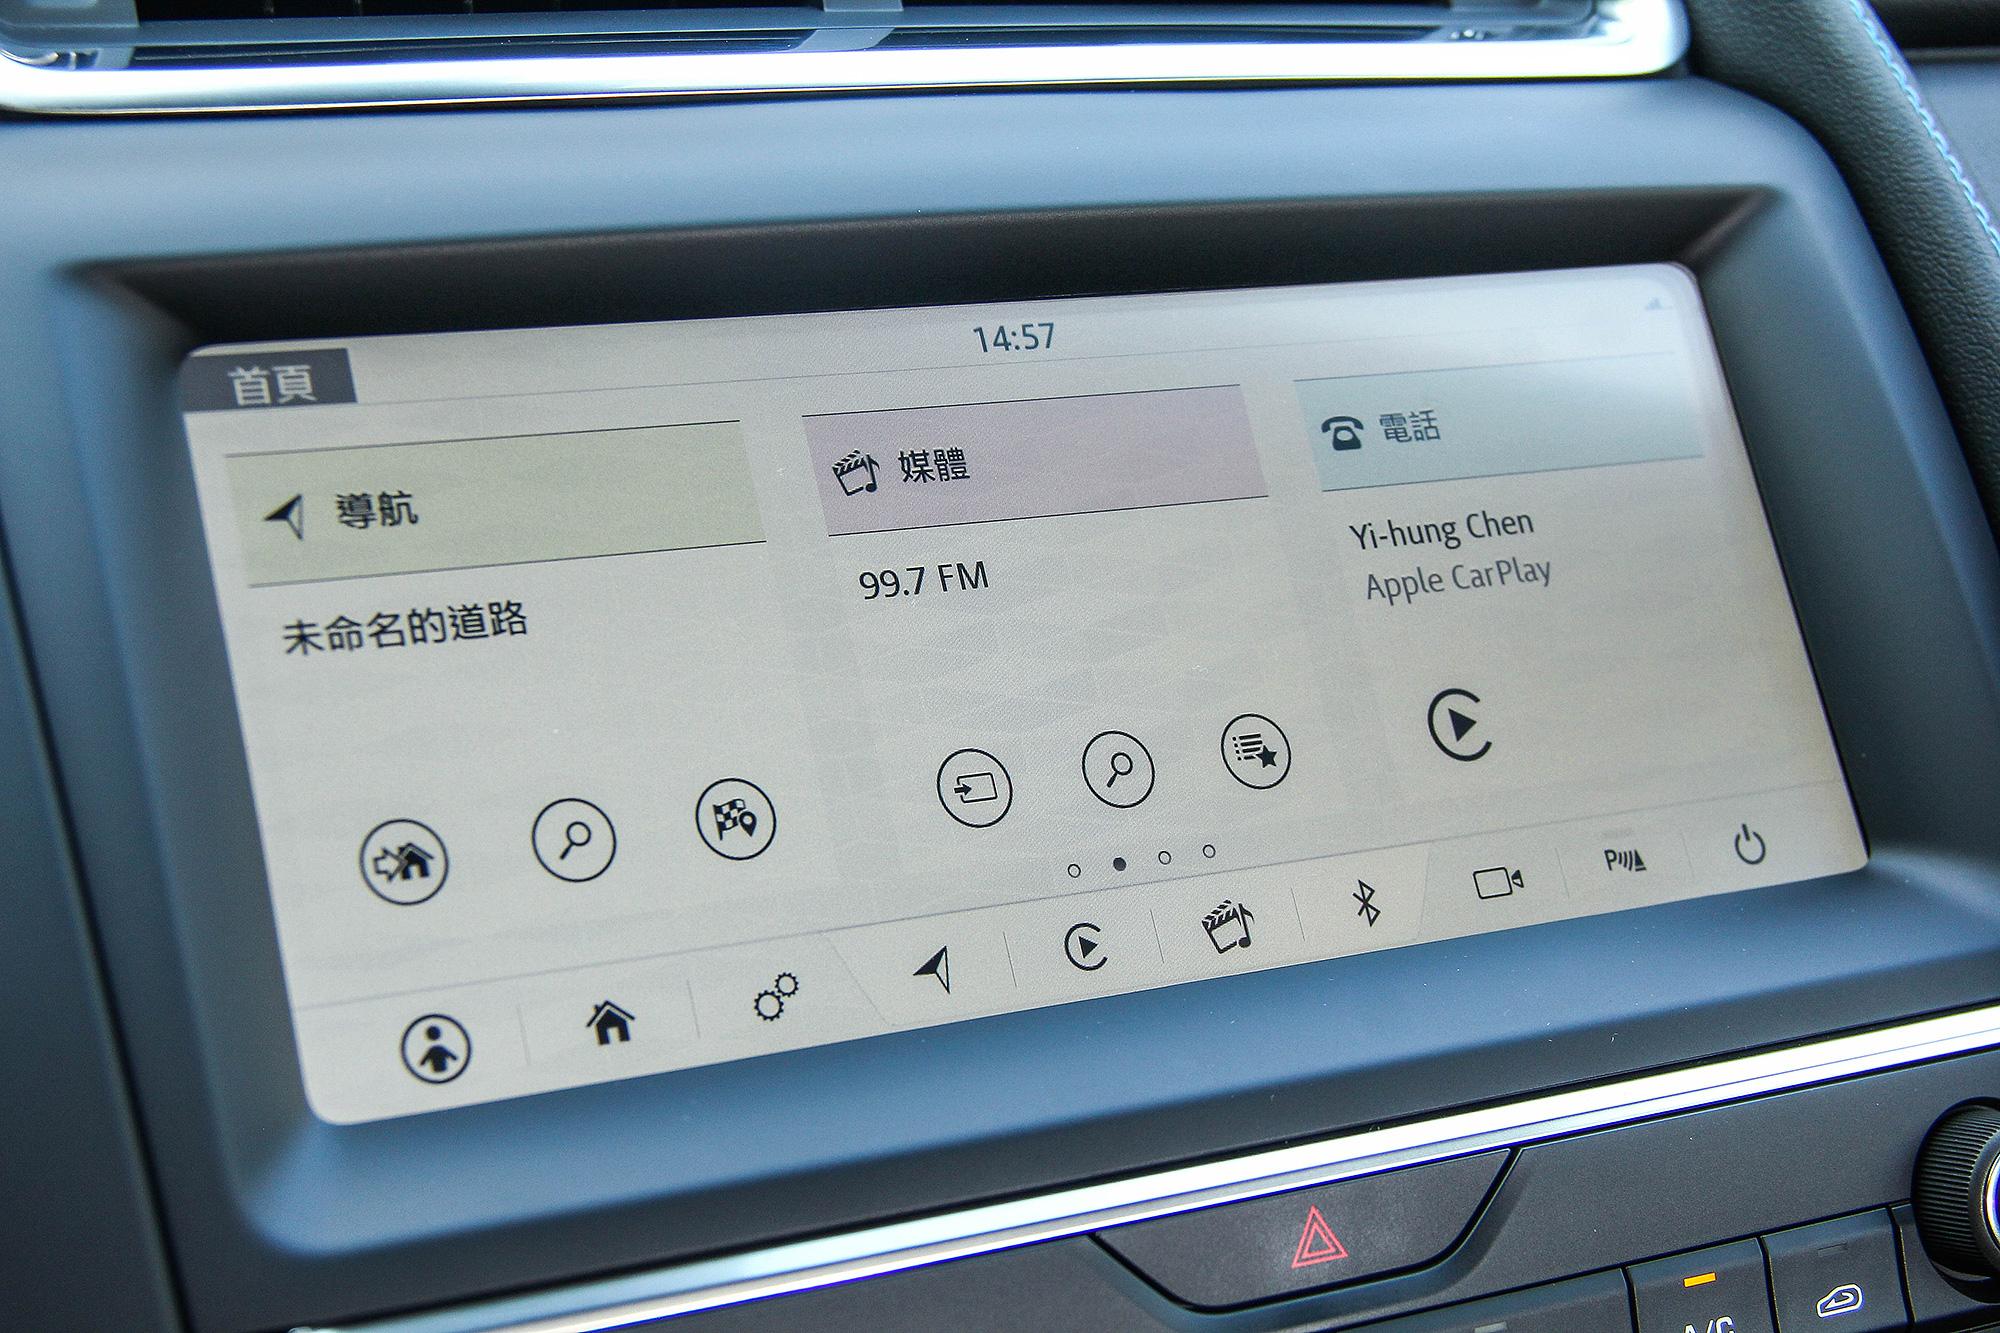 10 吋 TouchPro 智慧多媒體觸控式顯示幕科技感十足。